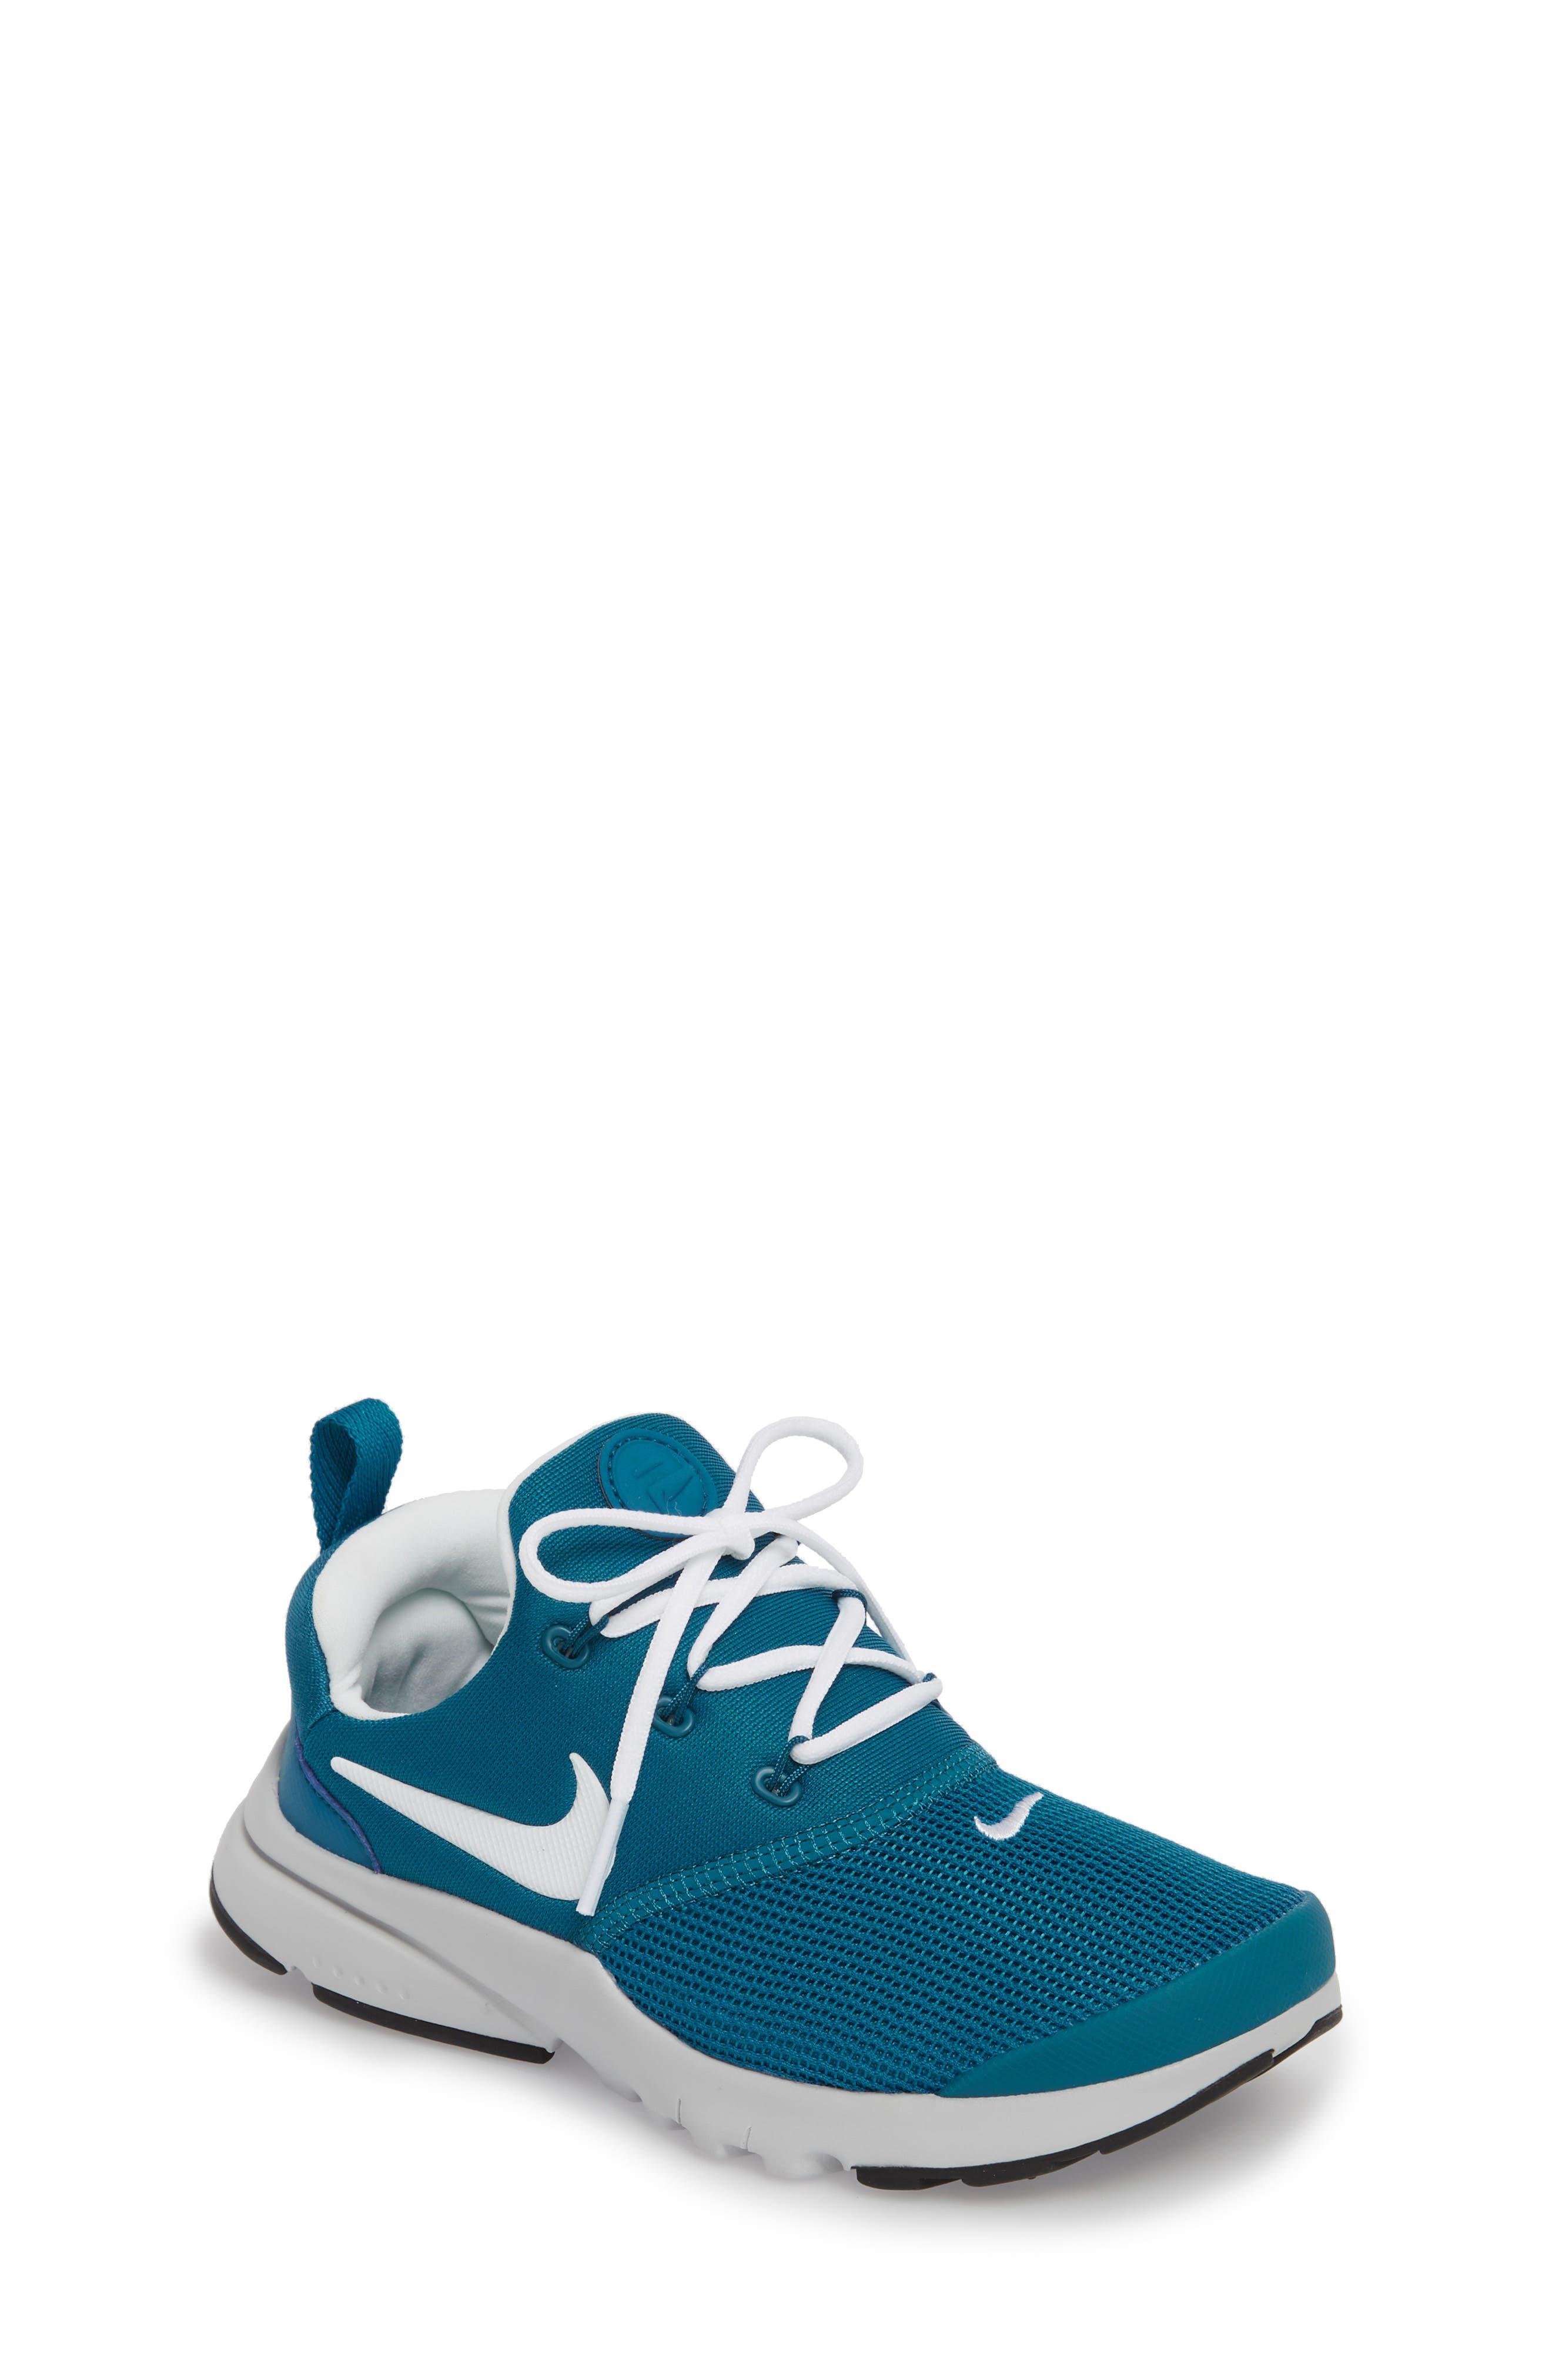 Alternate Image 1 Selected - Nike Presto Fly Sneaker (Toddler & Little Kid)